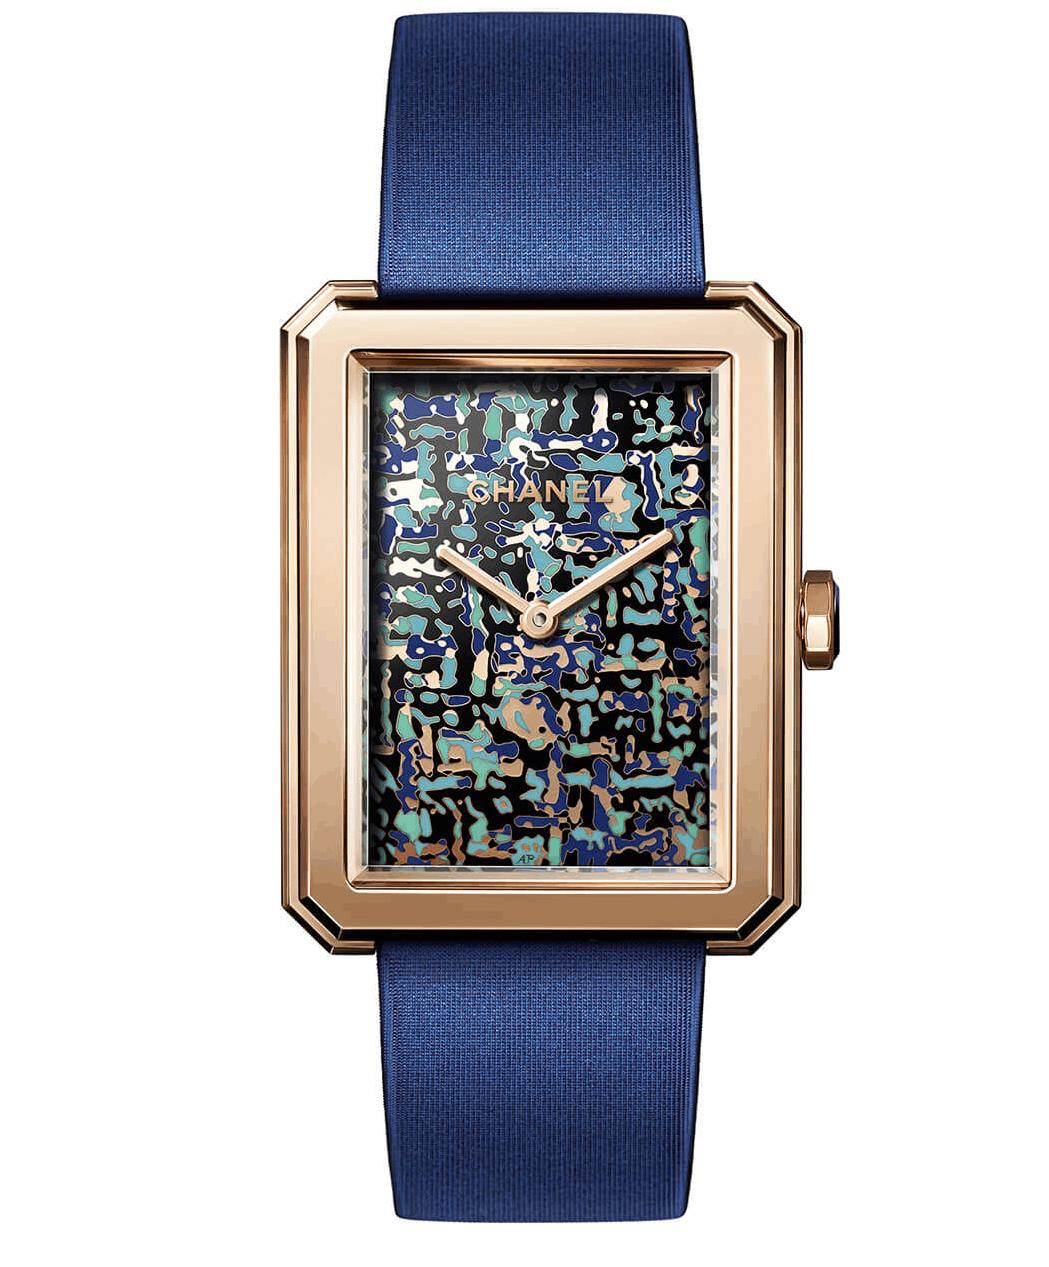 ساعة Boy Friend Tweed Art من ماركة شانيل Chanel